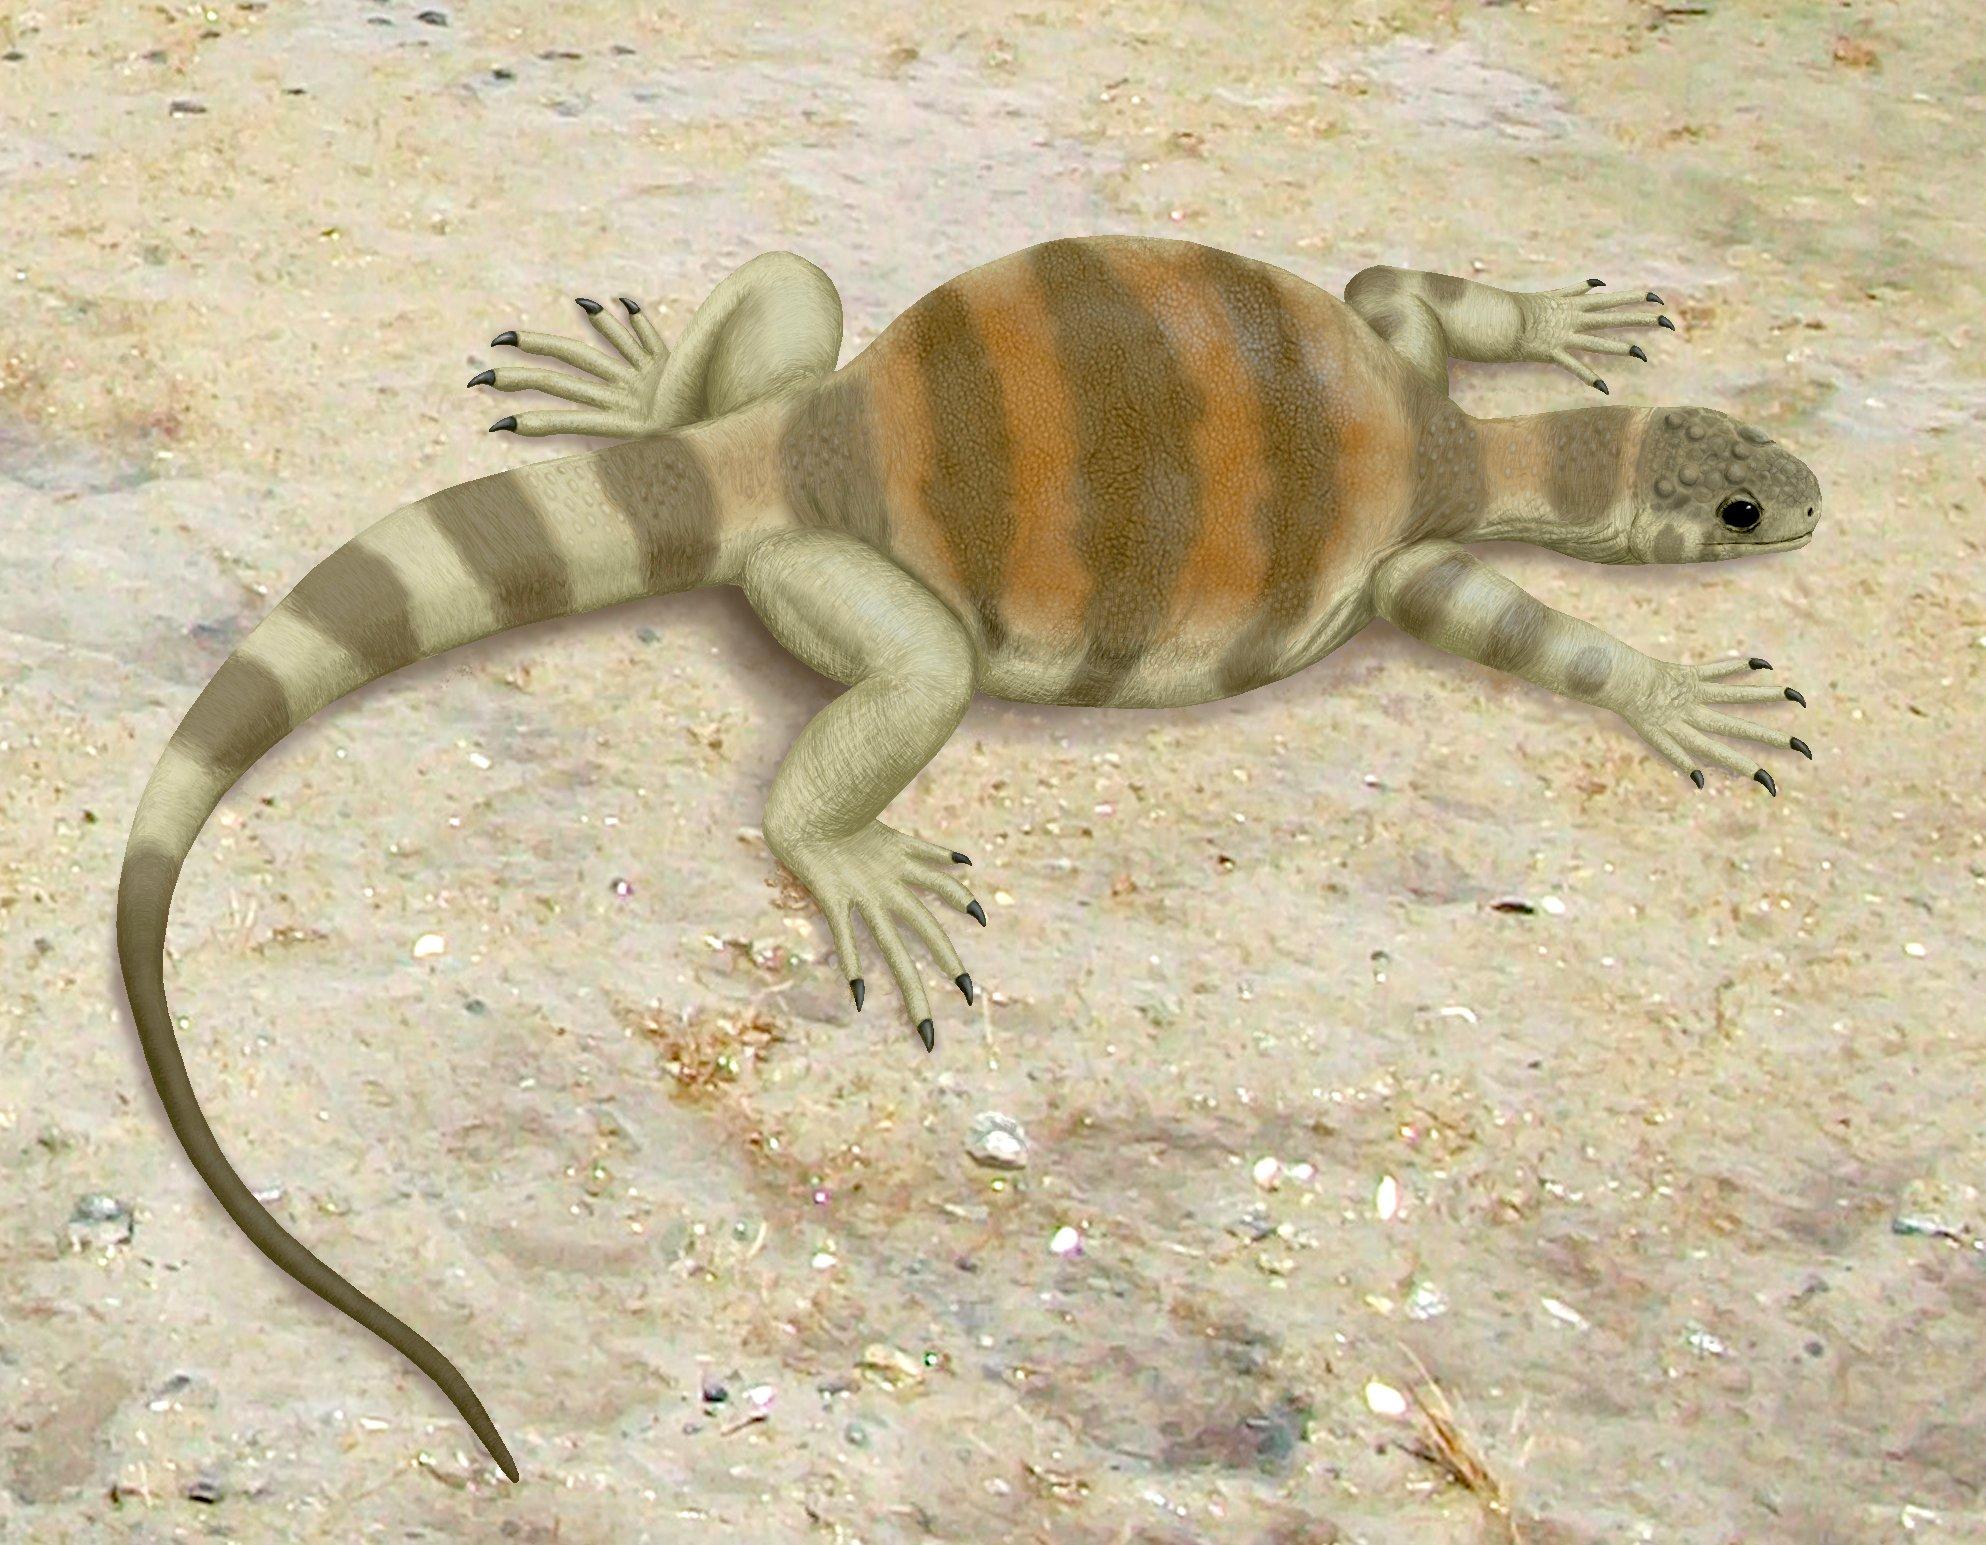 Représentation de l' Eunotosaurus africanus selon les données connues (by Smokeybjb)